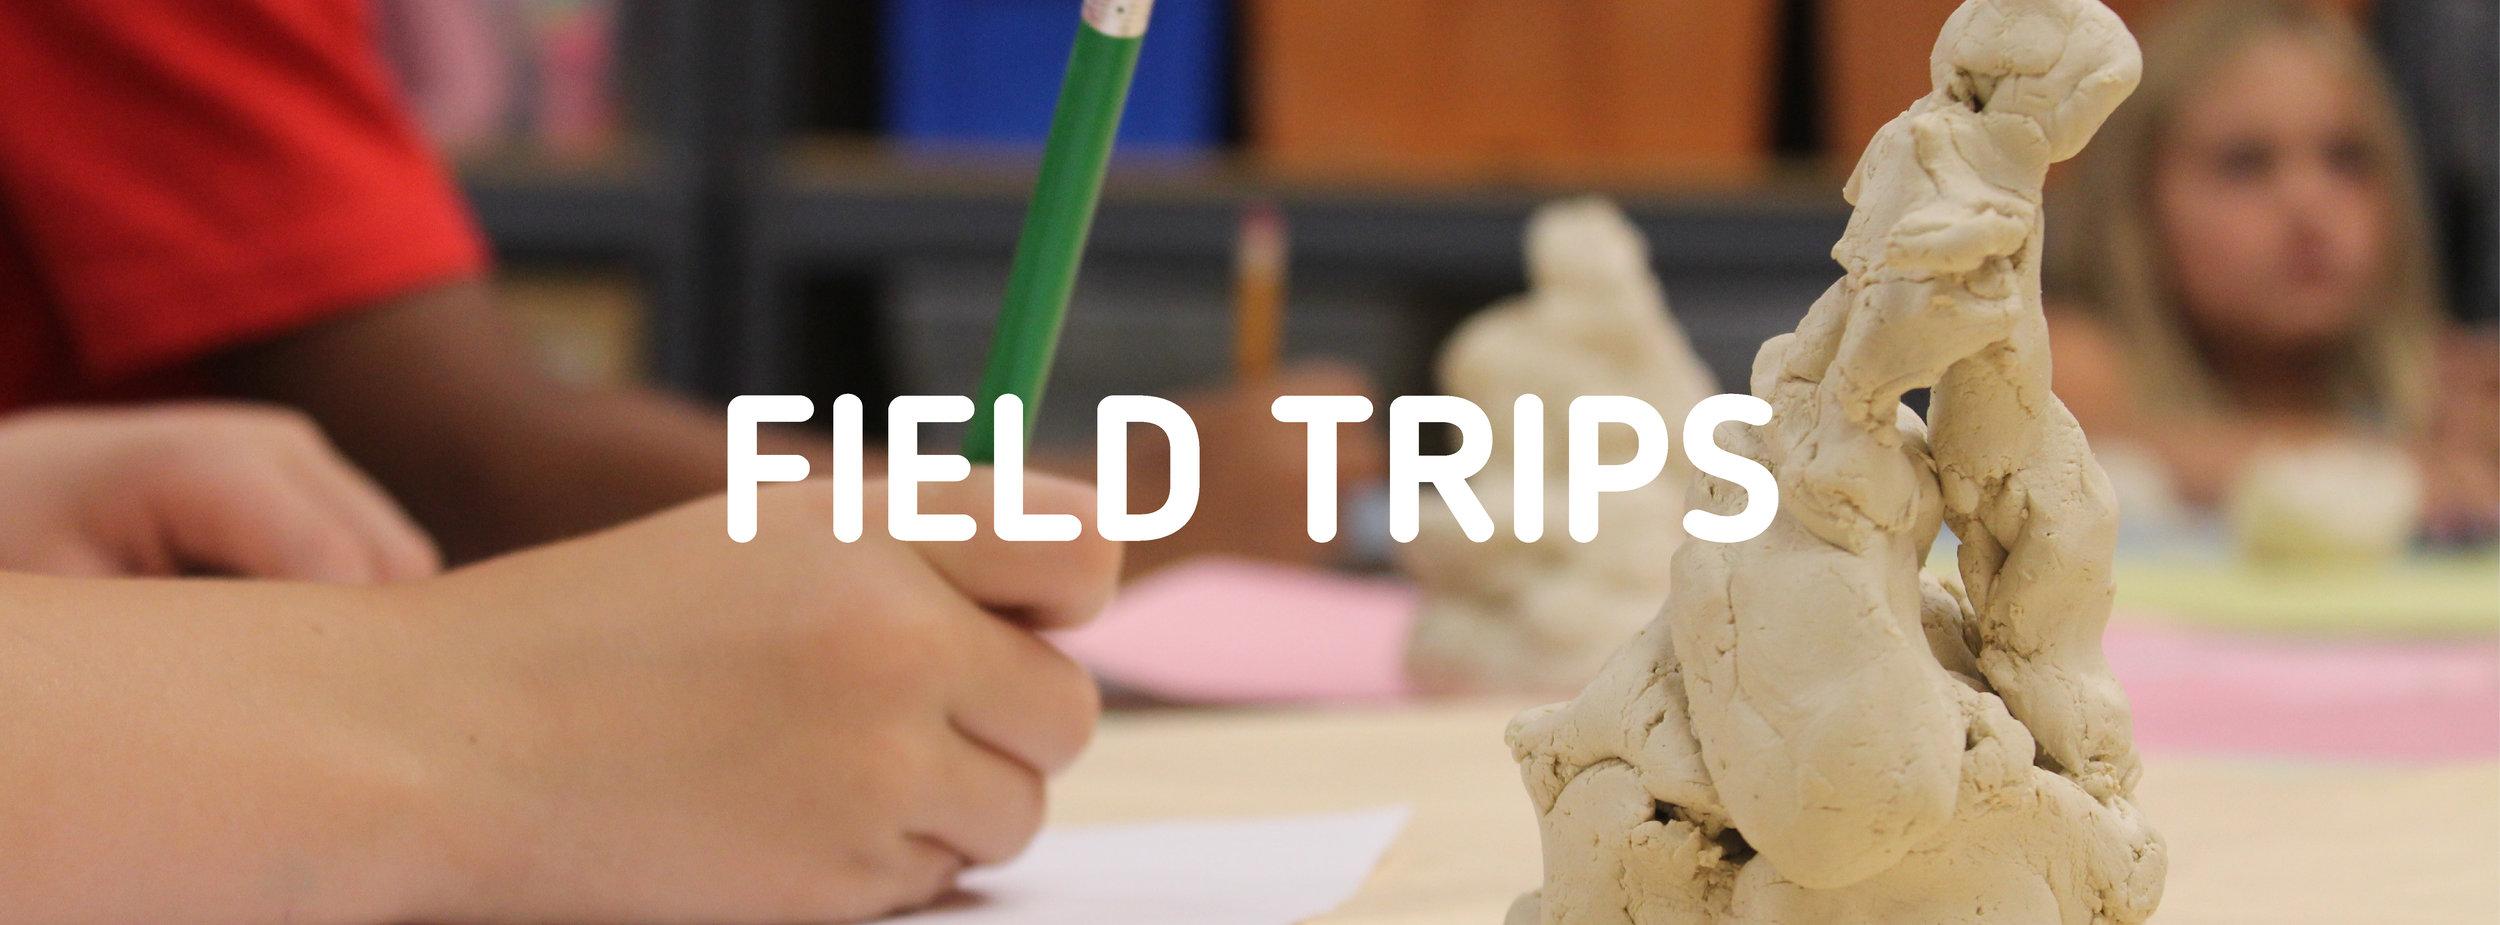 54 - Field Trips.jpg